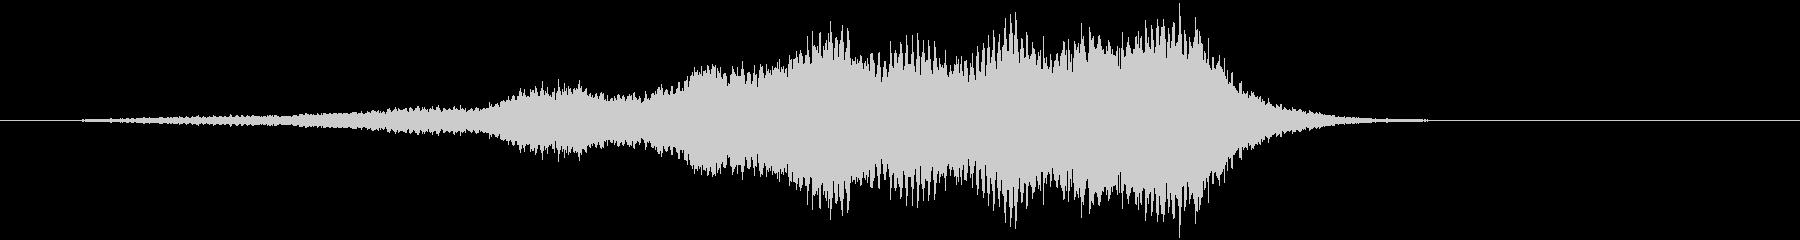 音楽:不気味なハイシンセクレッシェンド。の未再生の波形